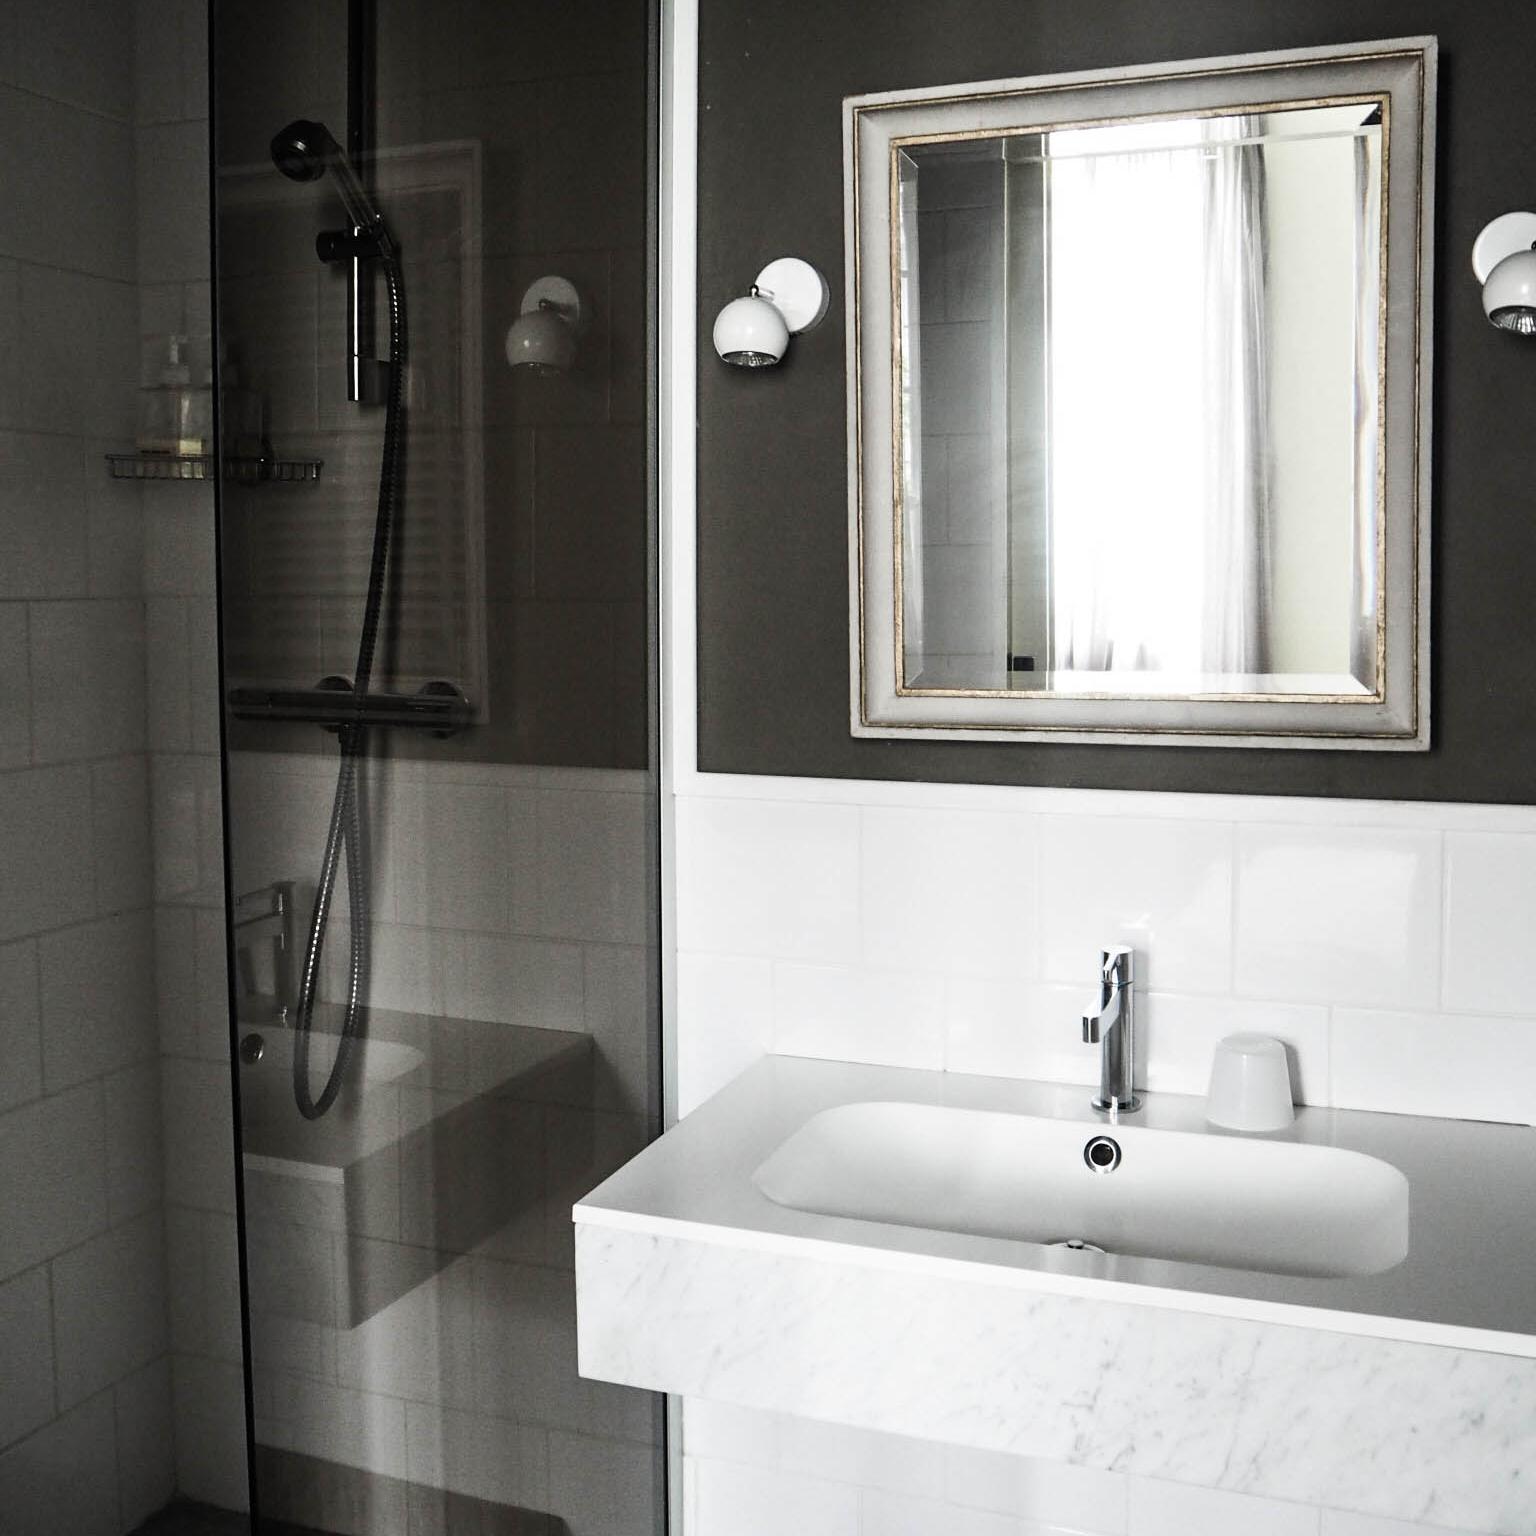 camellas-lloret-maison-d'hotes-room-1-bath.jpg